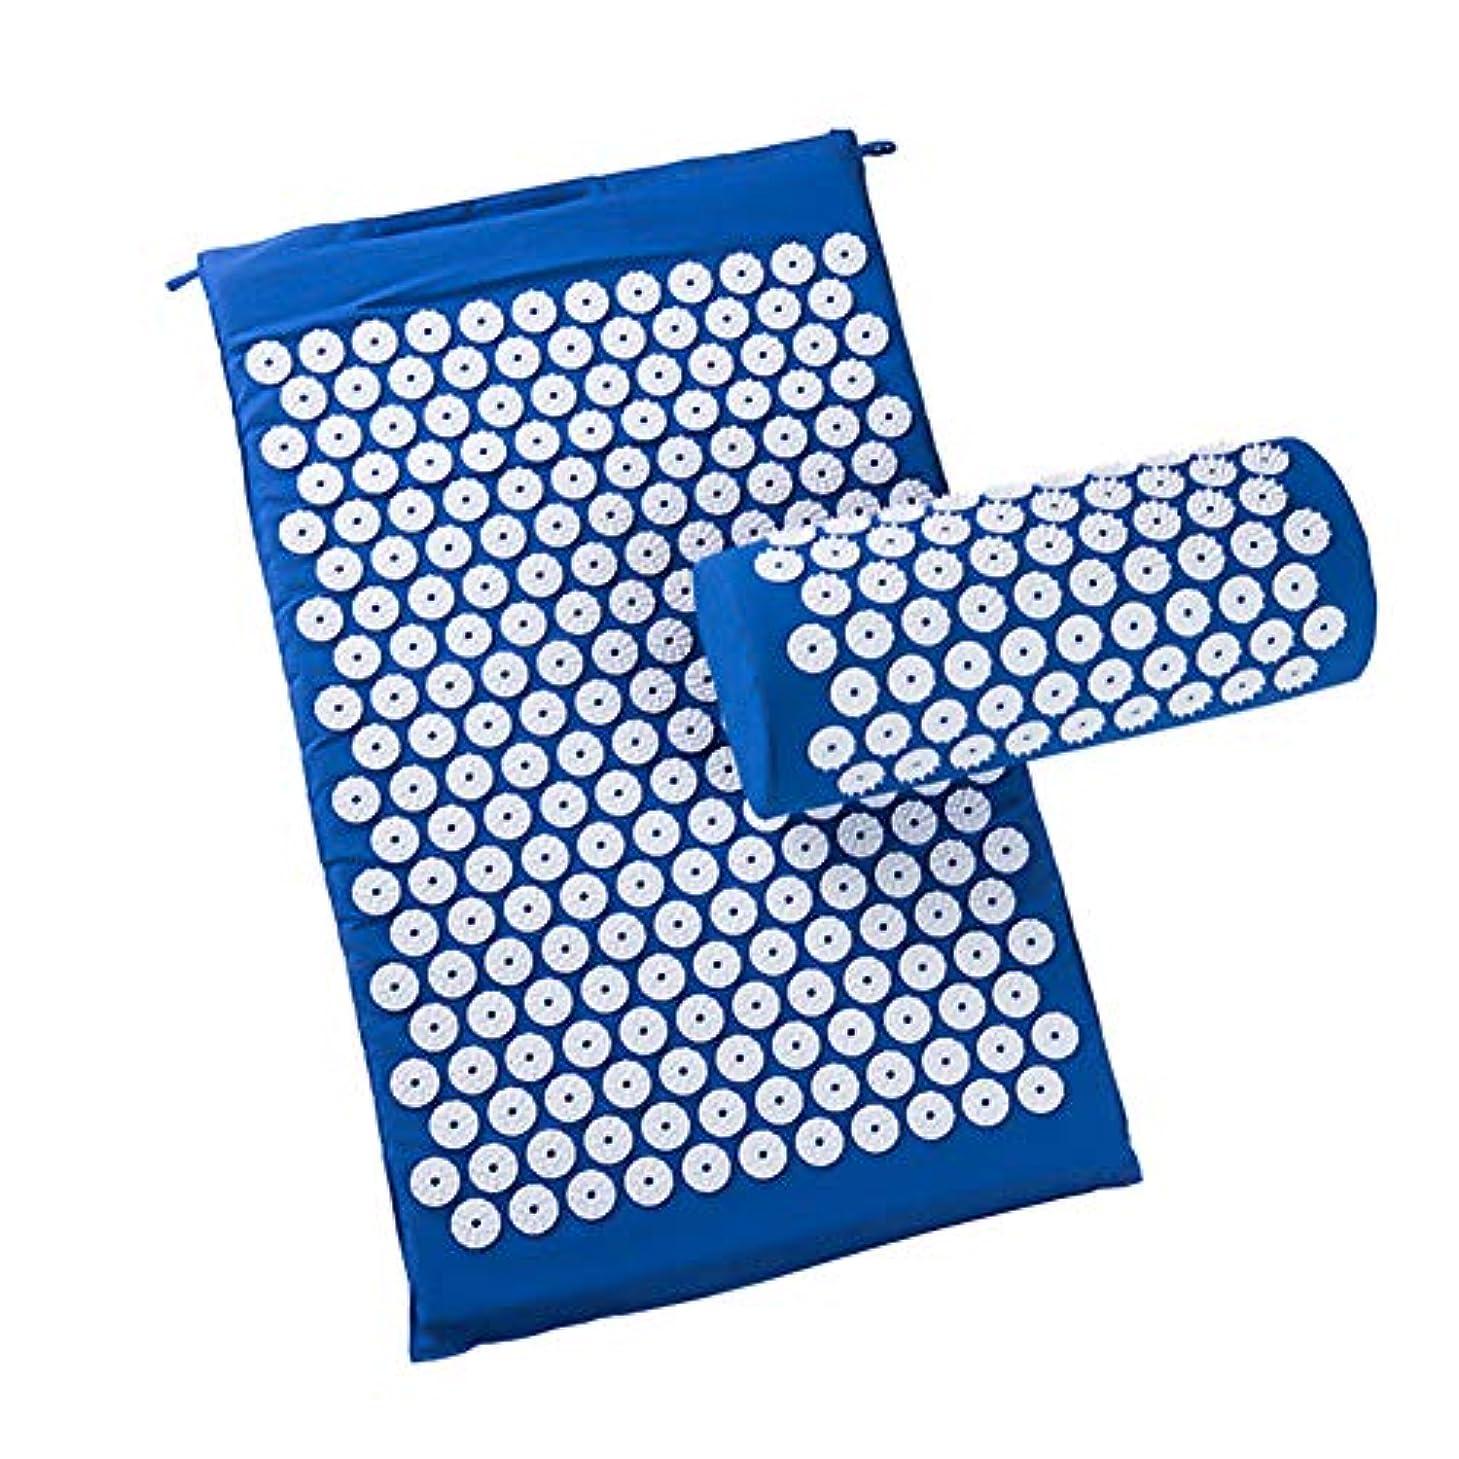 ロック貴重ななめらか(フェイスコジー) Facecozy マッサージクッション 指圧クッション 枕付き 健康療法用 ヨガマット ストレス解消 ボディヘッド フットネック (ブルー)